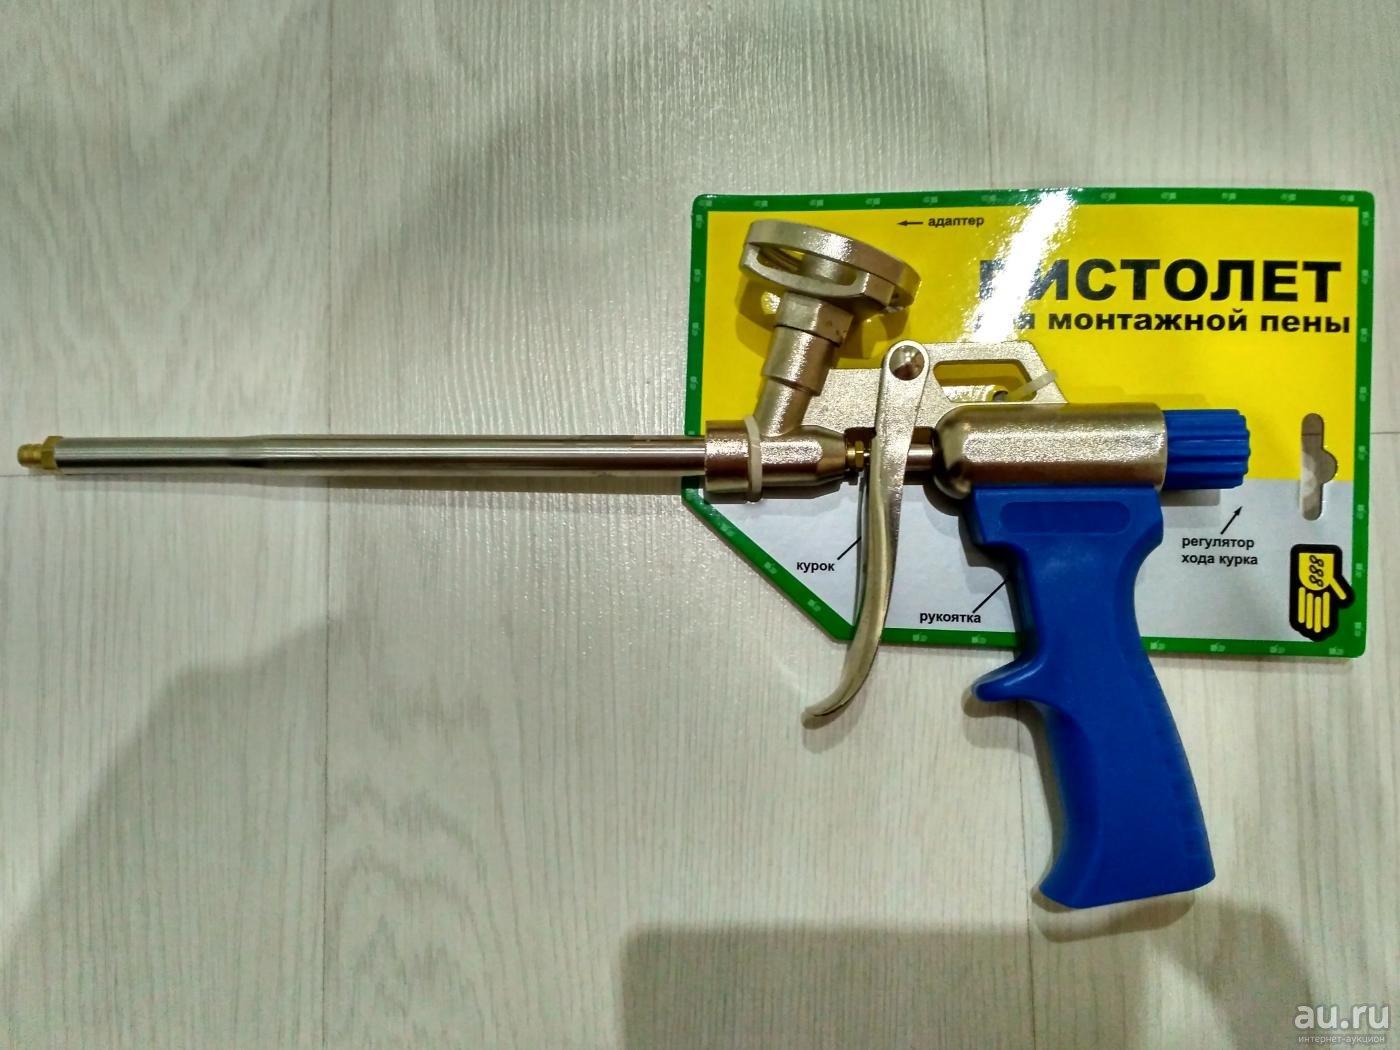 Как пользоваться пистолетом для пены — устройство, виды, выбор и ремонт